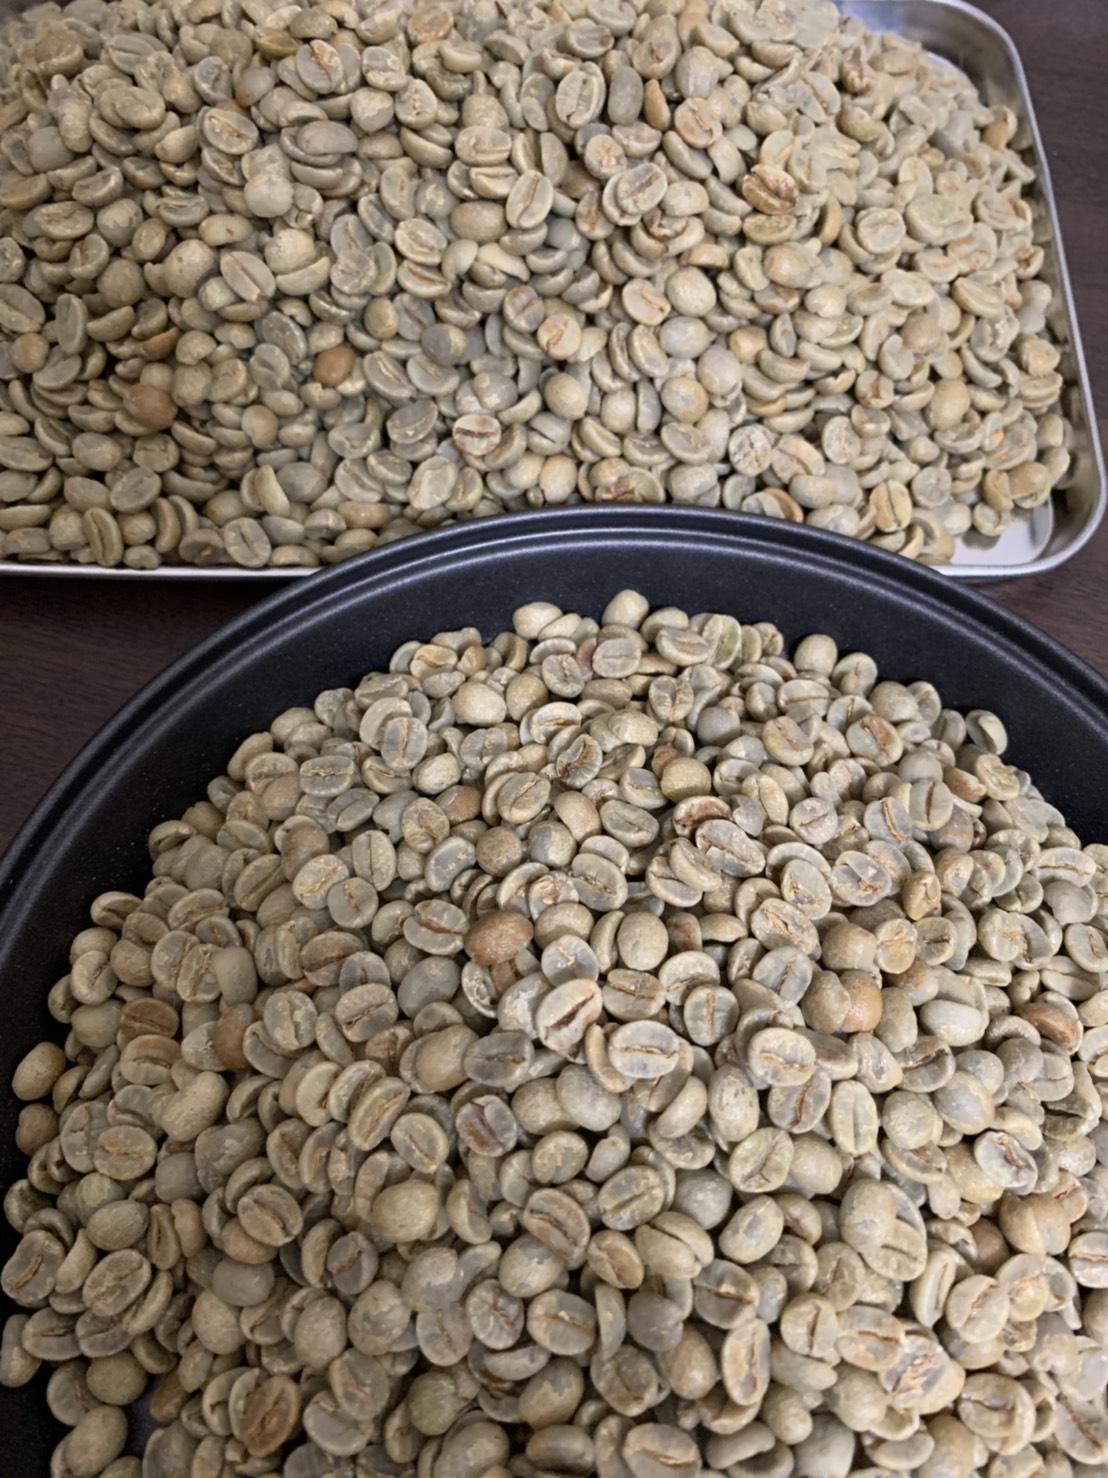 ブラジルサントスNo.2 生豆の写真